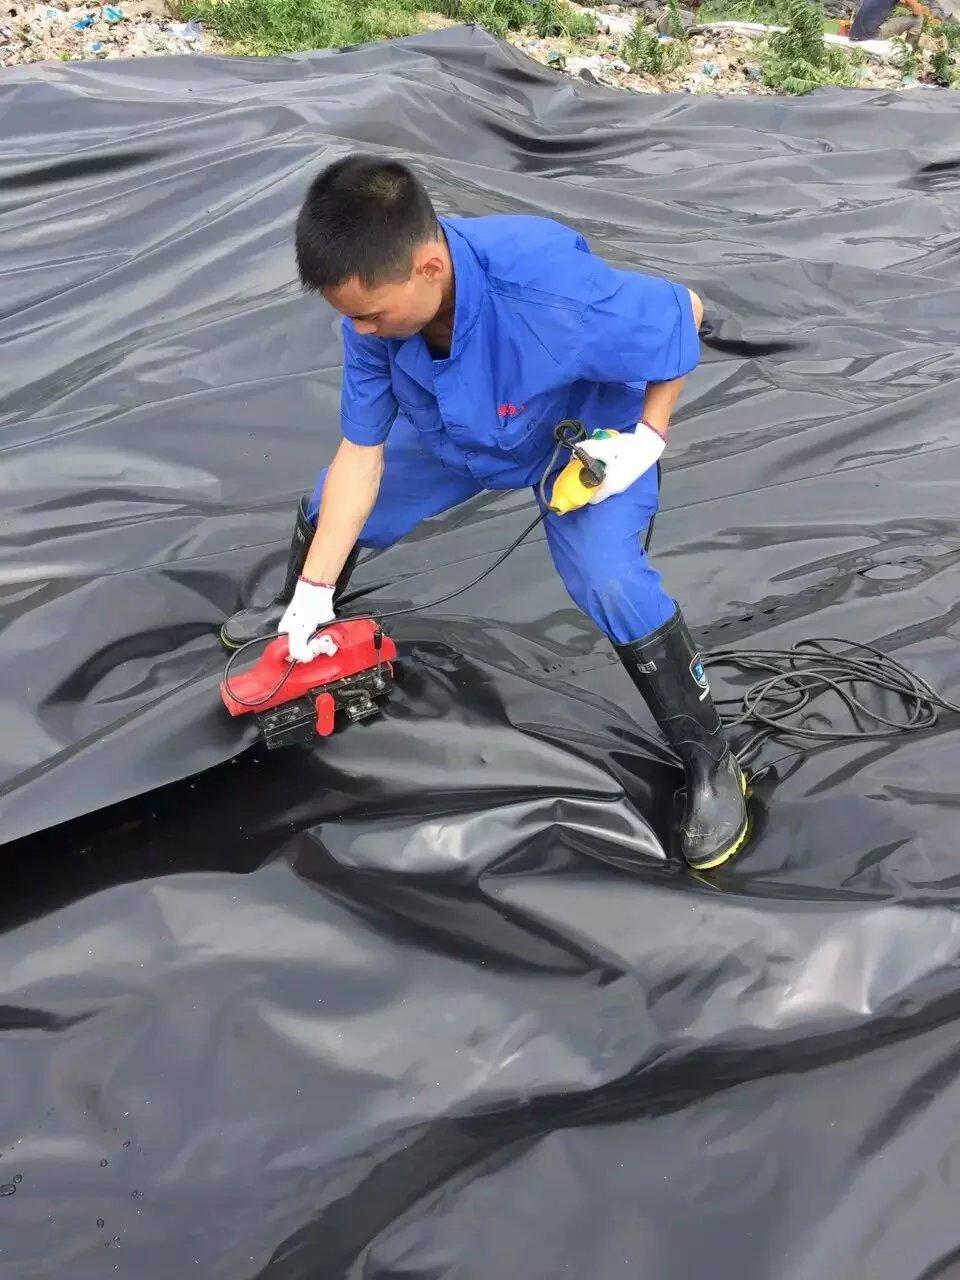 柳州立冲沟城市垃圾填埋场覆盖工程  垃圾填埋场案例 第2张